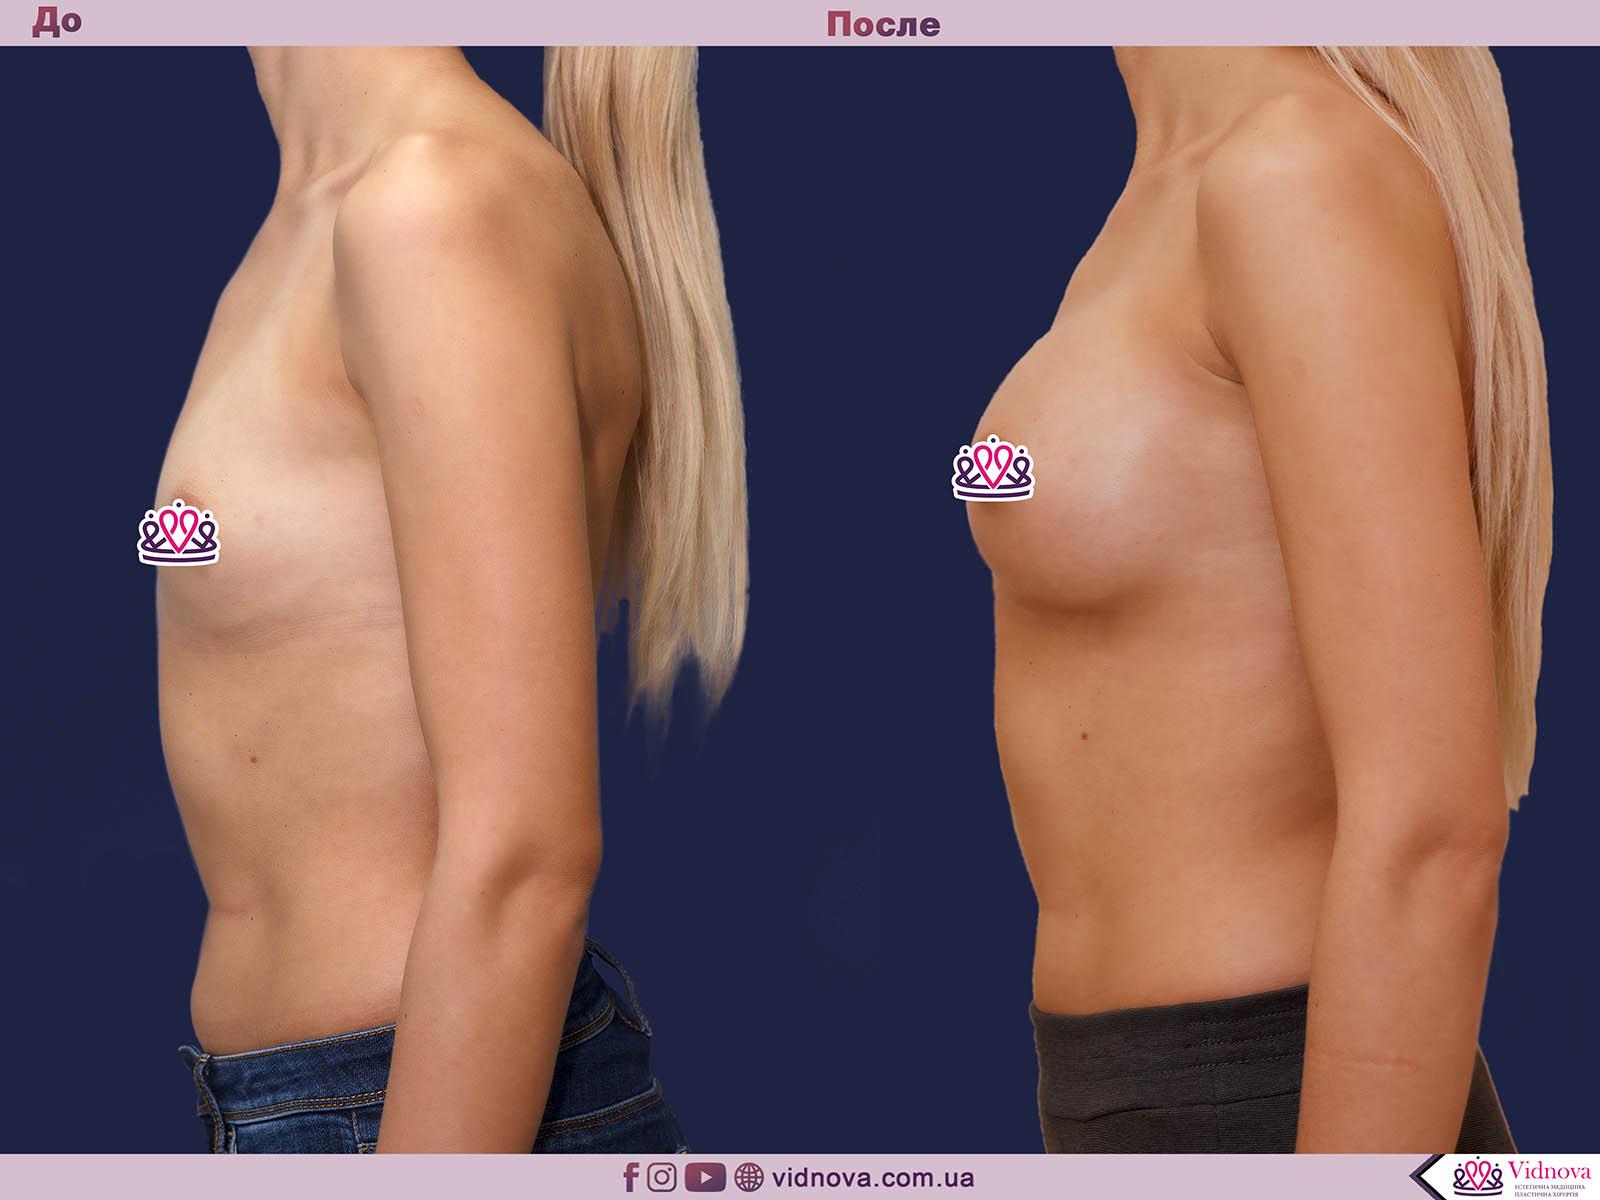 Пластика груди: результаты до и после - Пример №24-2 - Светлана Работенко